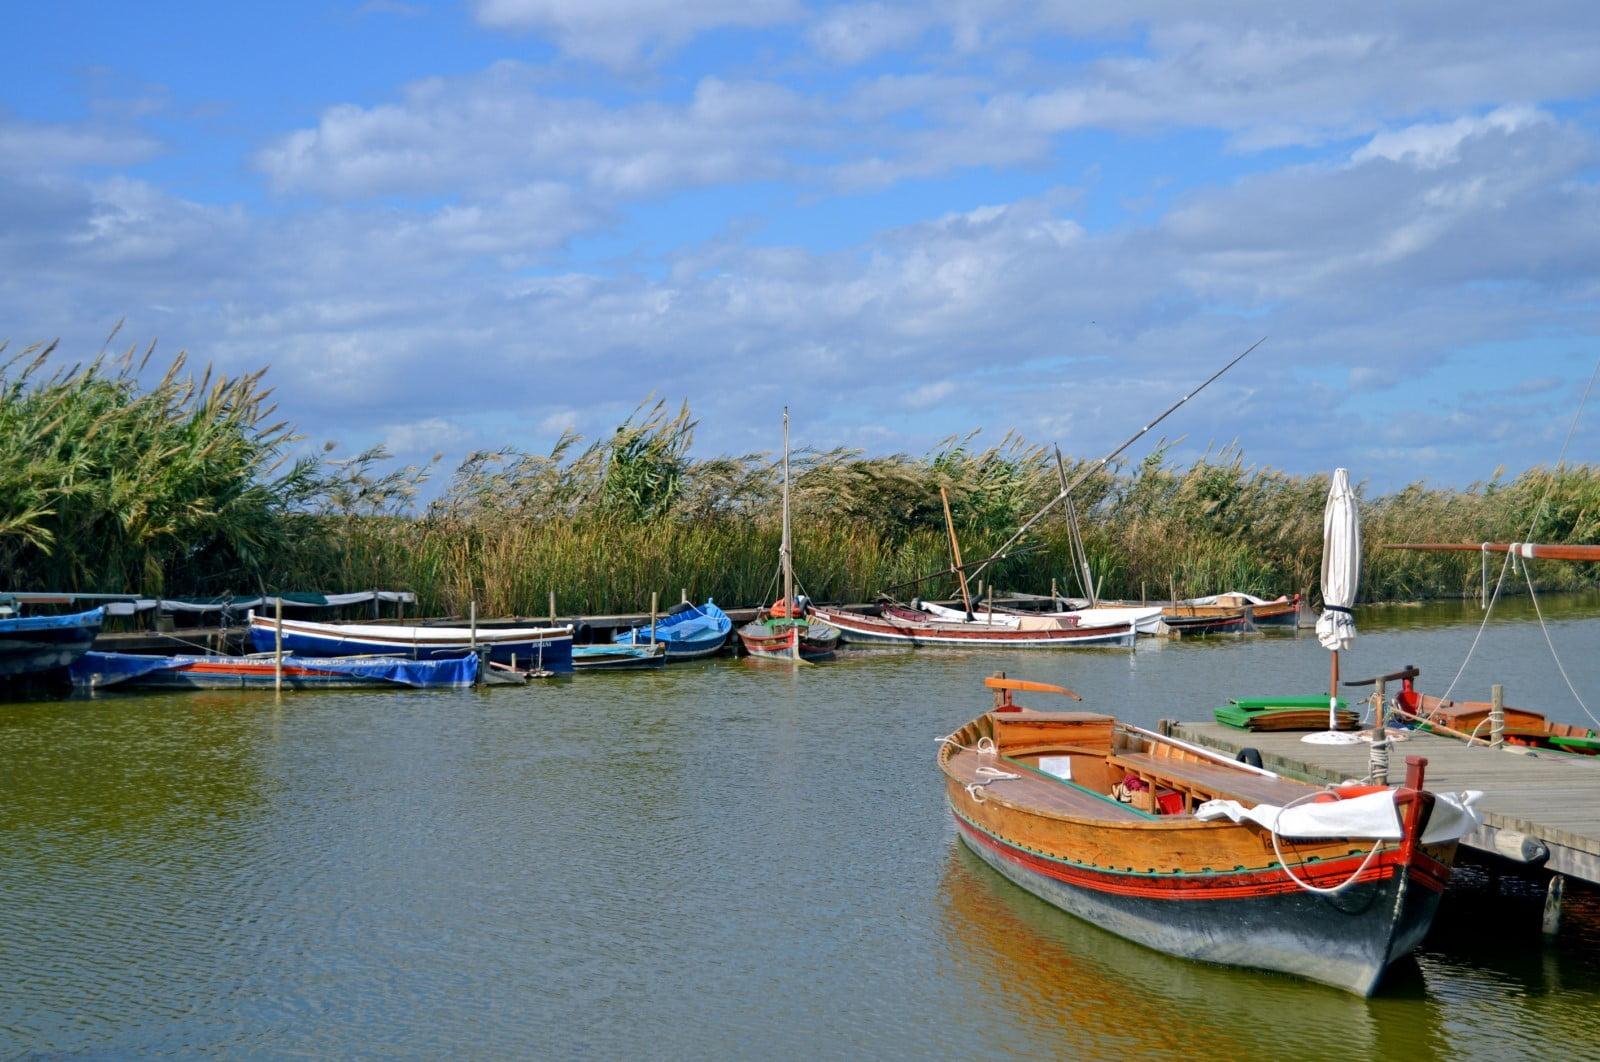 Visitas guiadas Parque Natural ALbufera. Paseo en barca